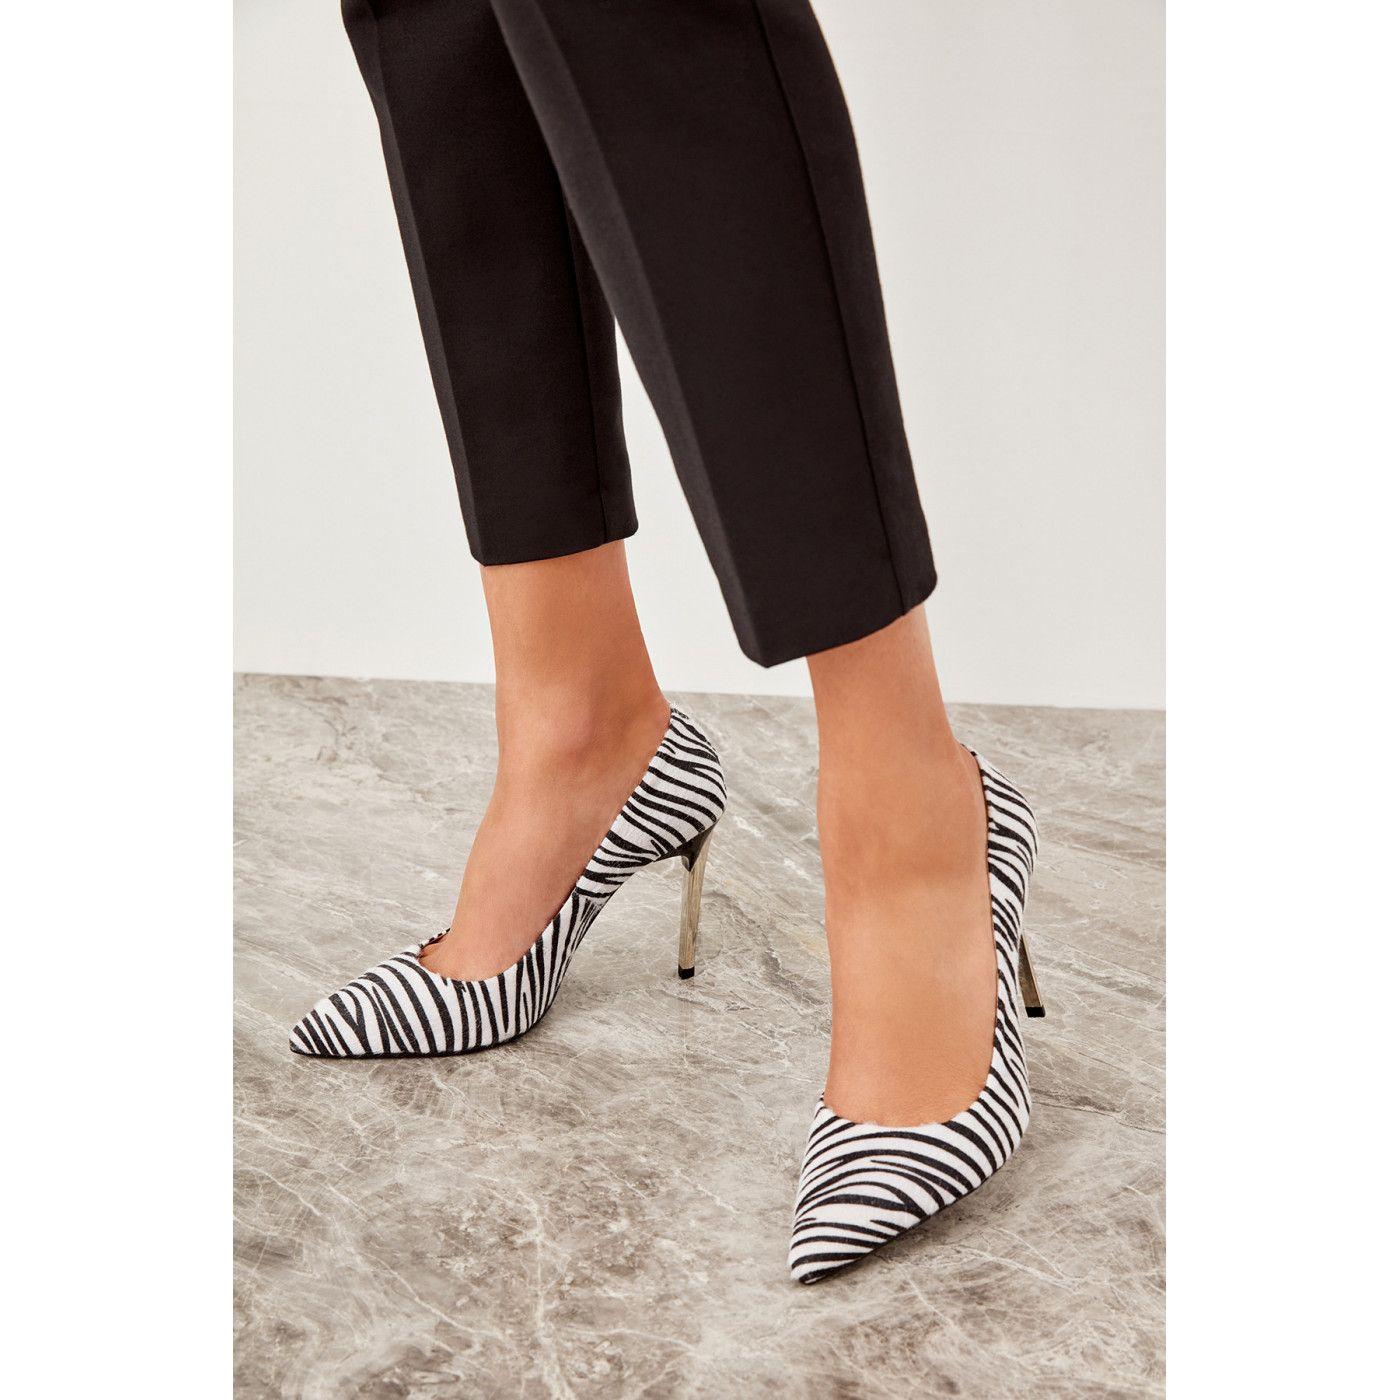 info for e5606 821ef Trendyol Black Colt Hair Zebra-Women's Wedge-Heeled Shoes in ...